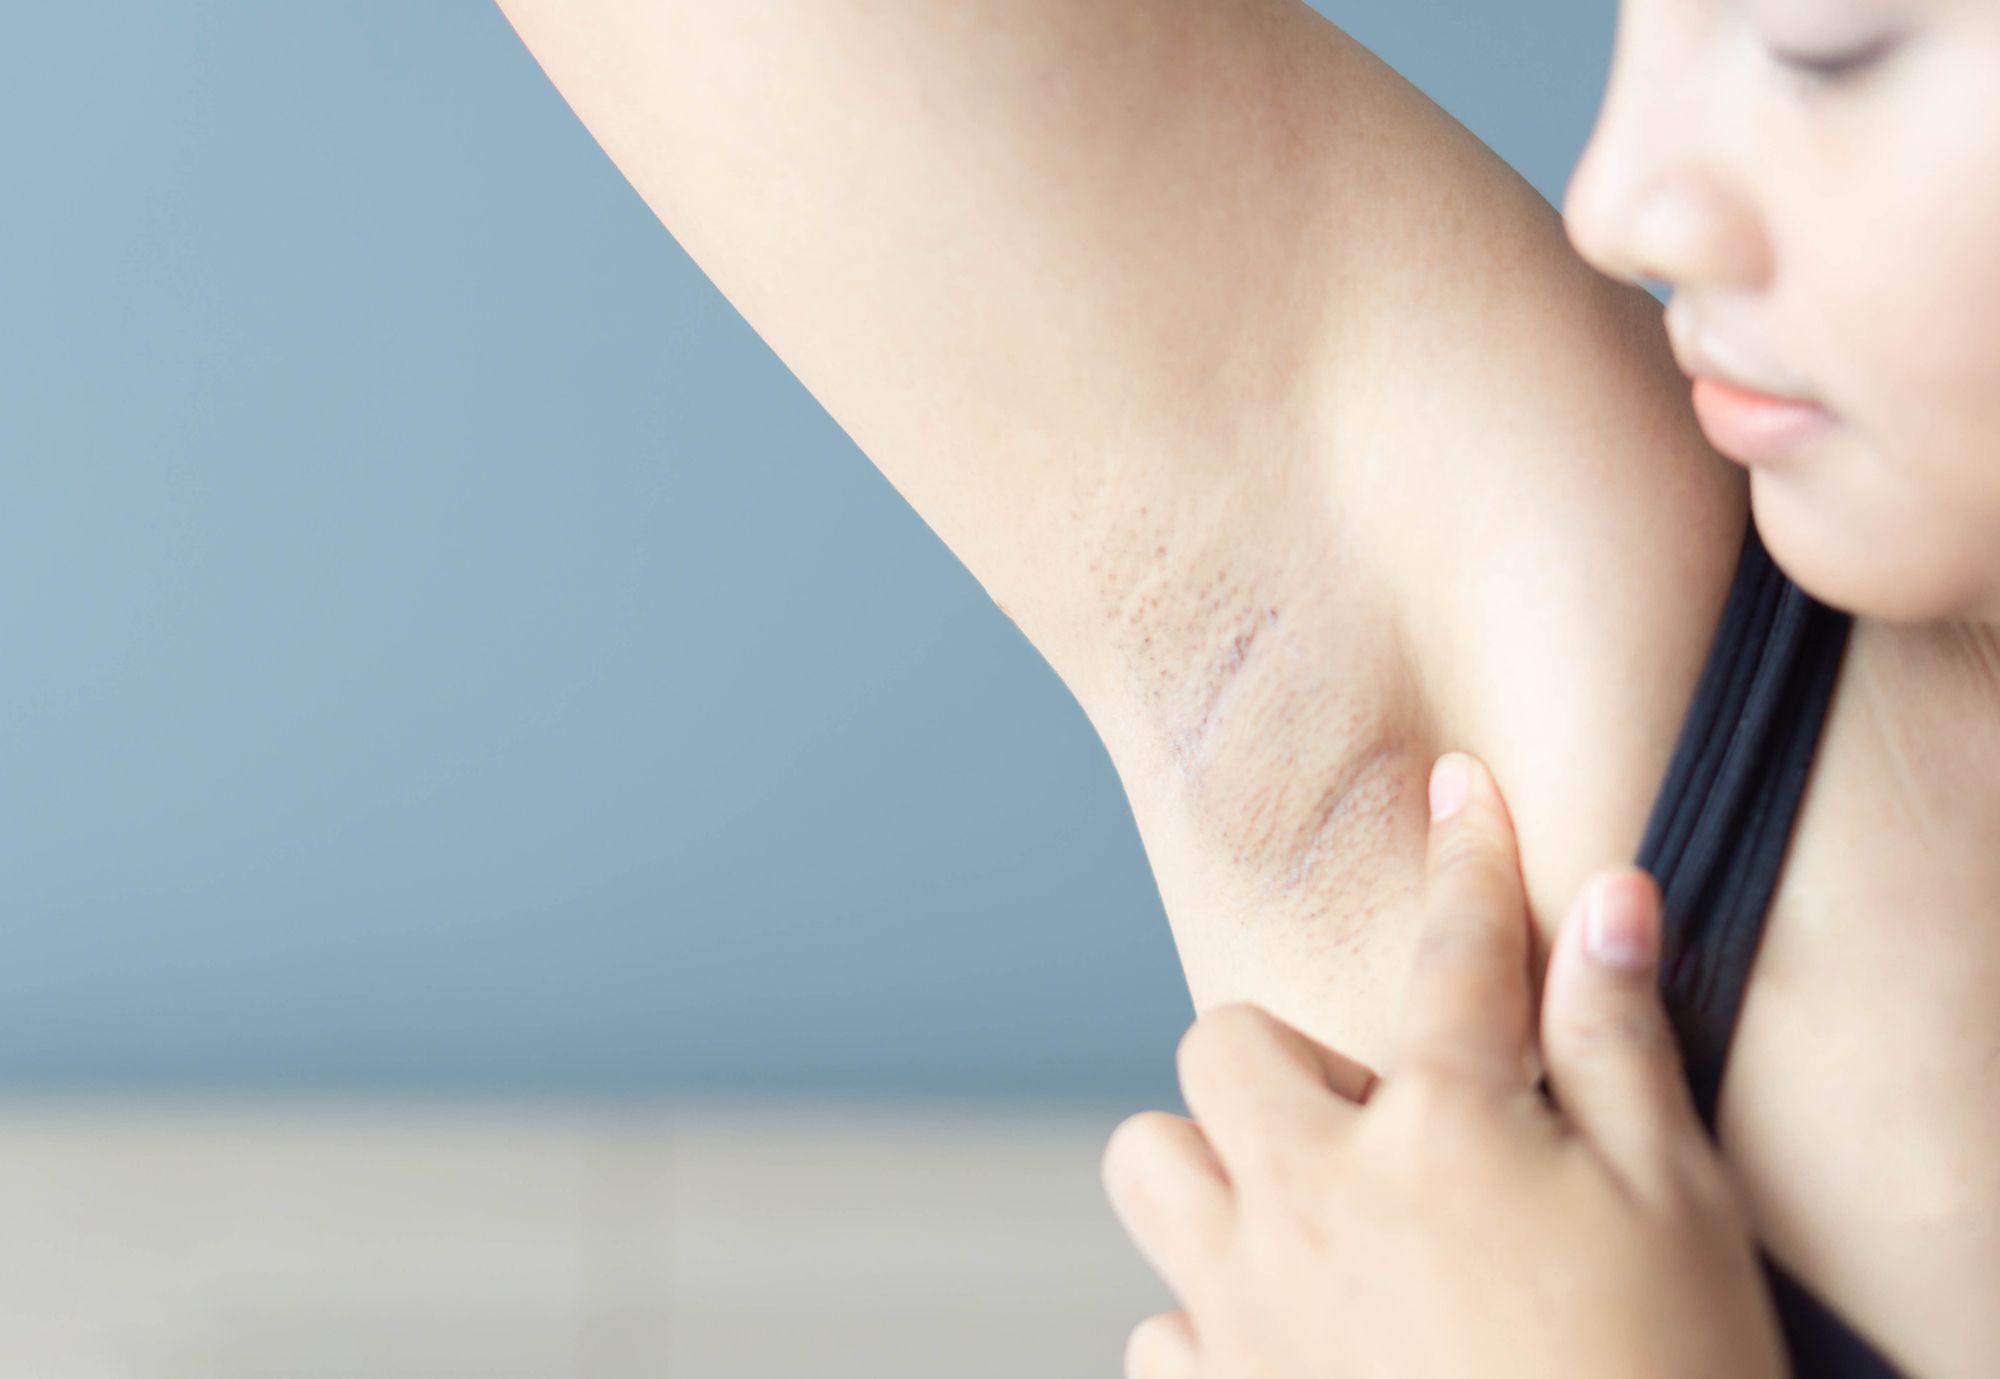 Symptoms lump breast fatigue uti headache fever